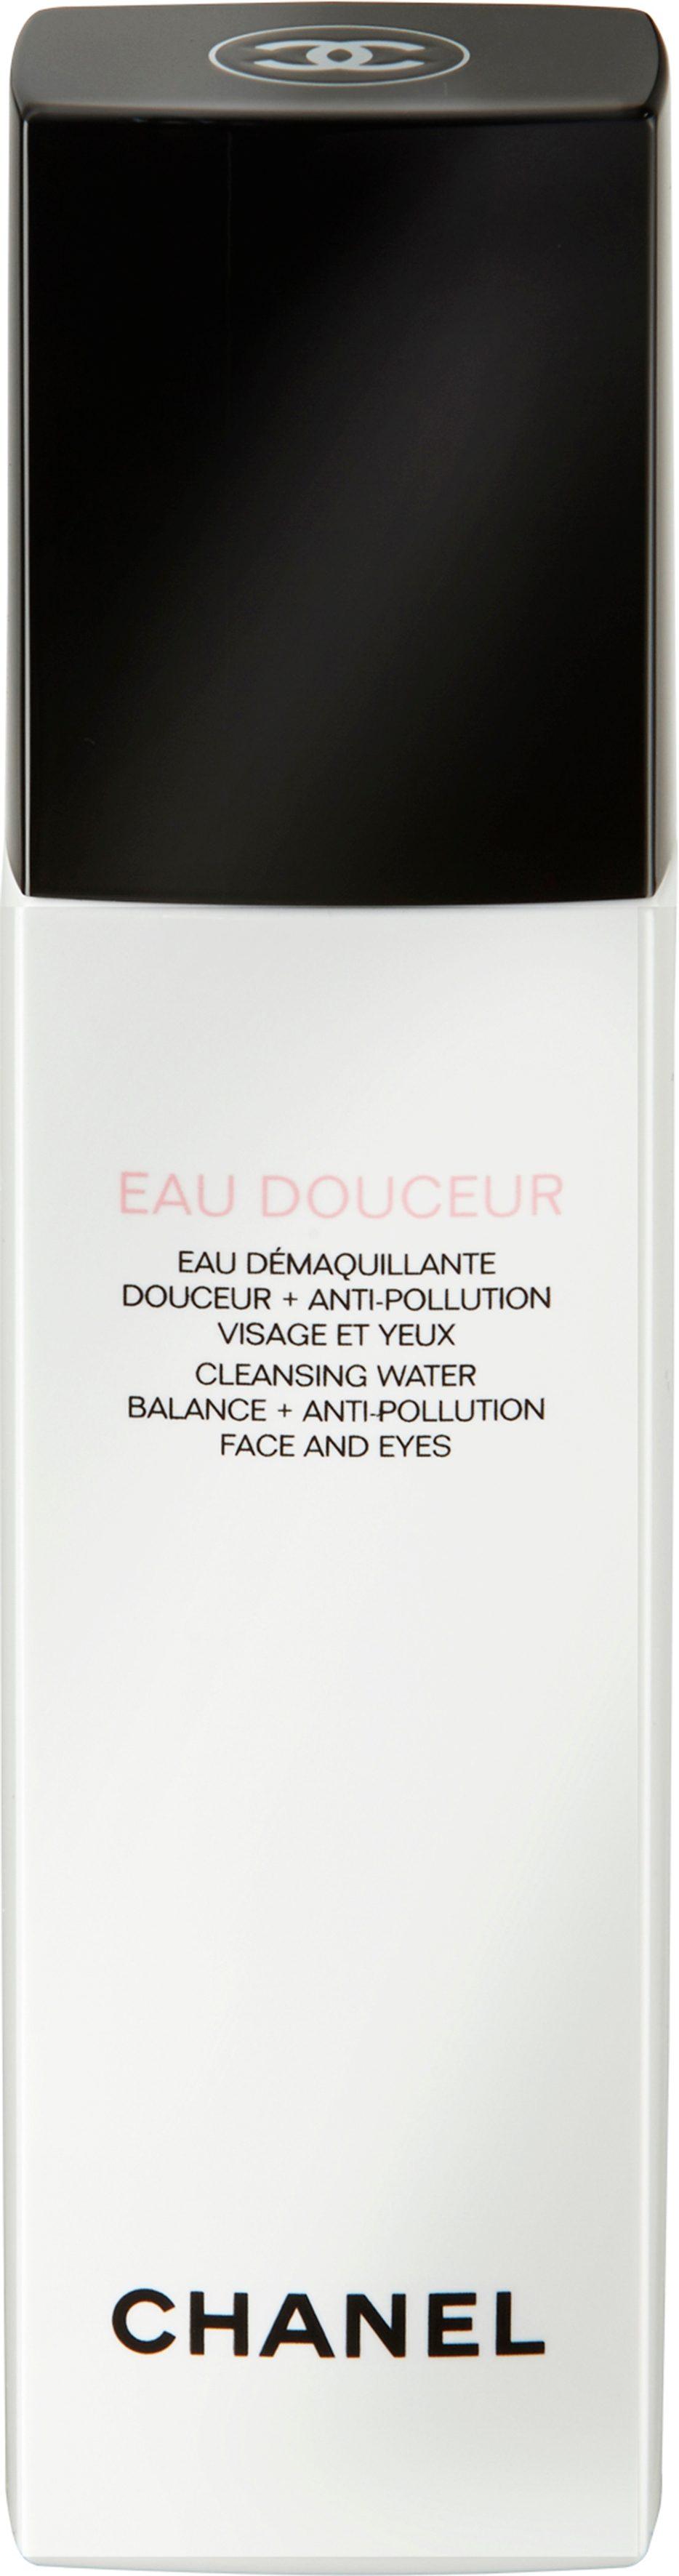 Chanel, »Eau Douceur«, Gesichtwasser